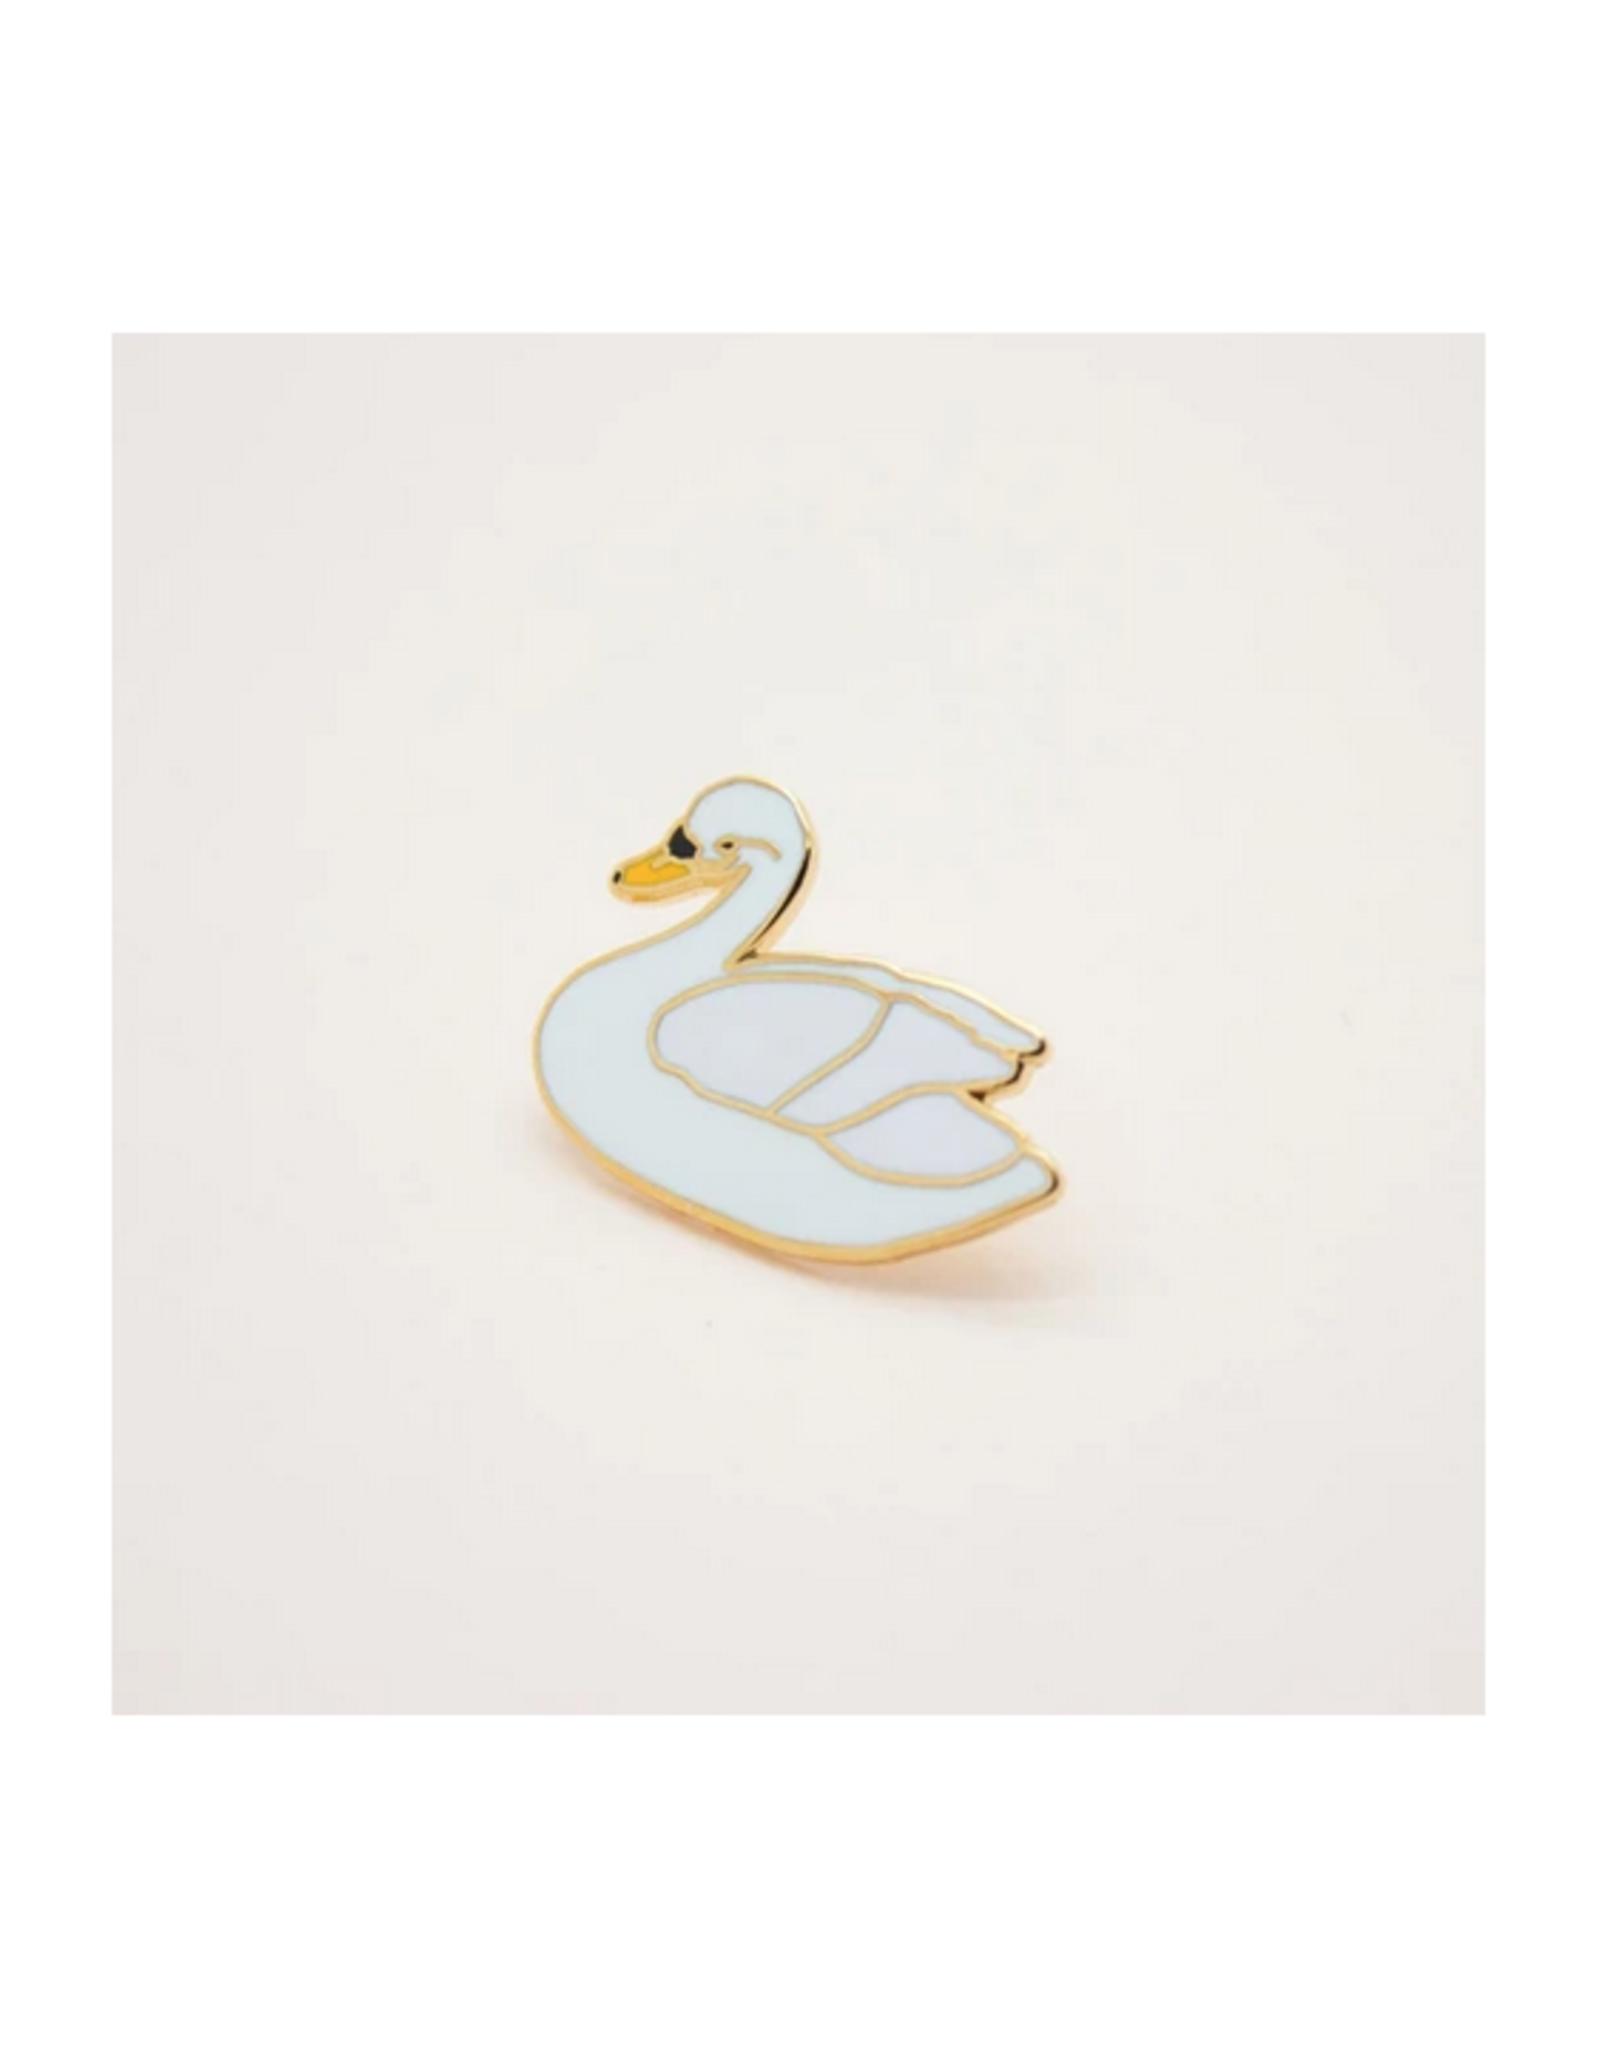 White Swan Pin